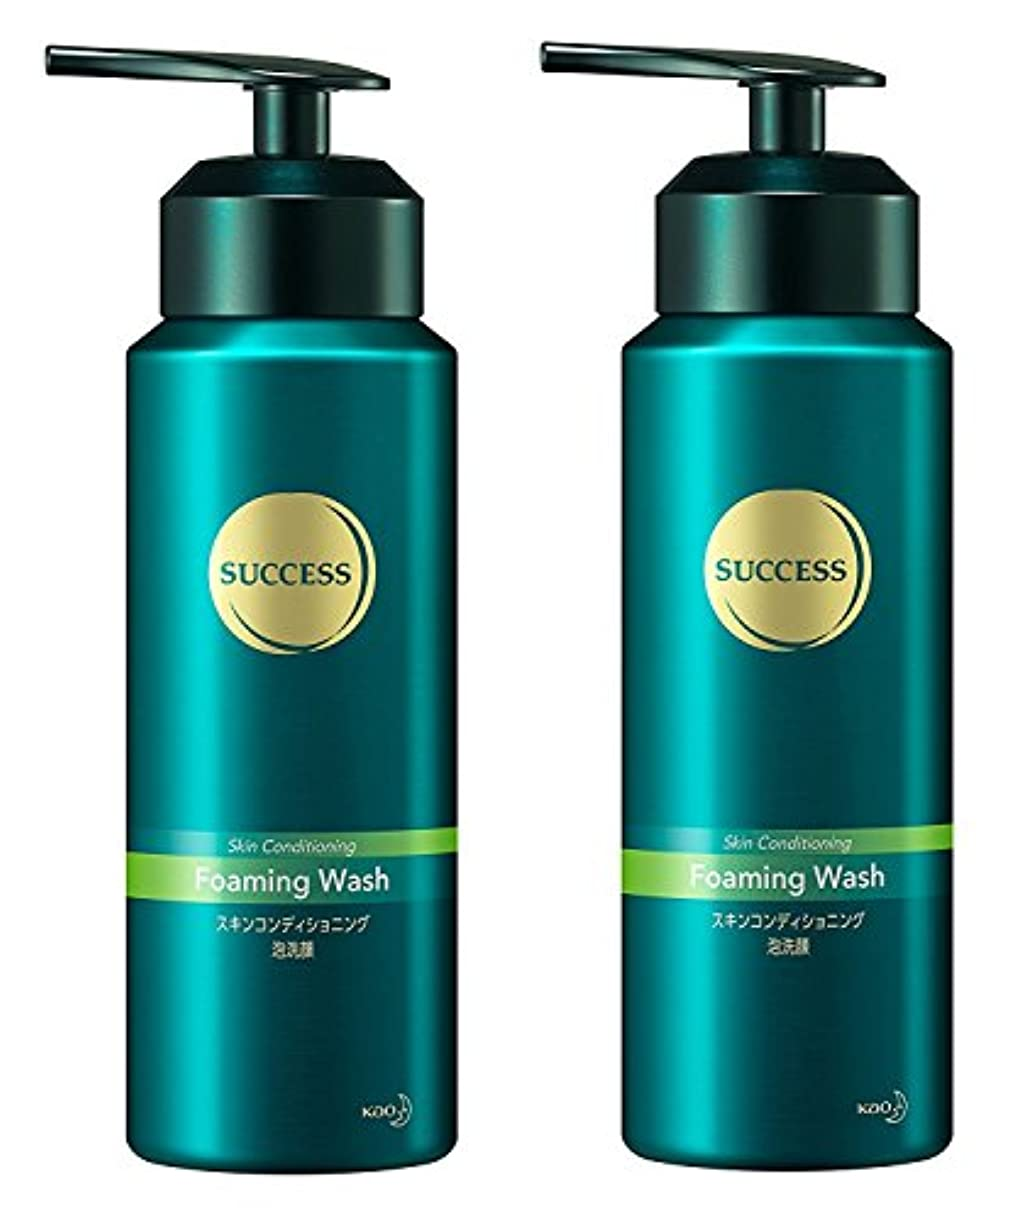 投資ひねり水平【2個セット】サクセスフェイスケア スキンコンディショニング泡洗顔 170g×2